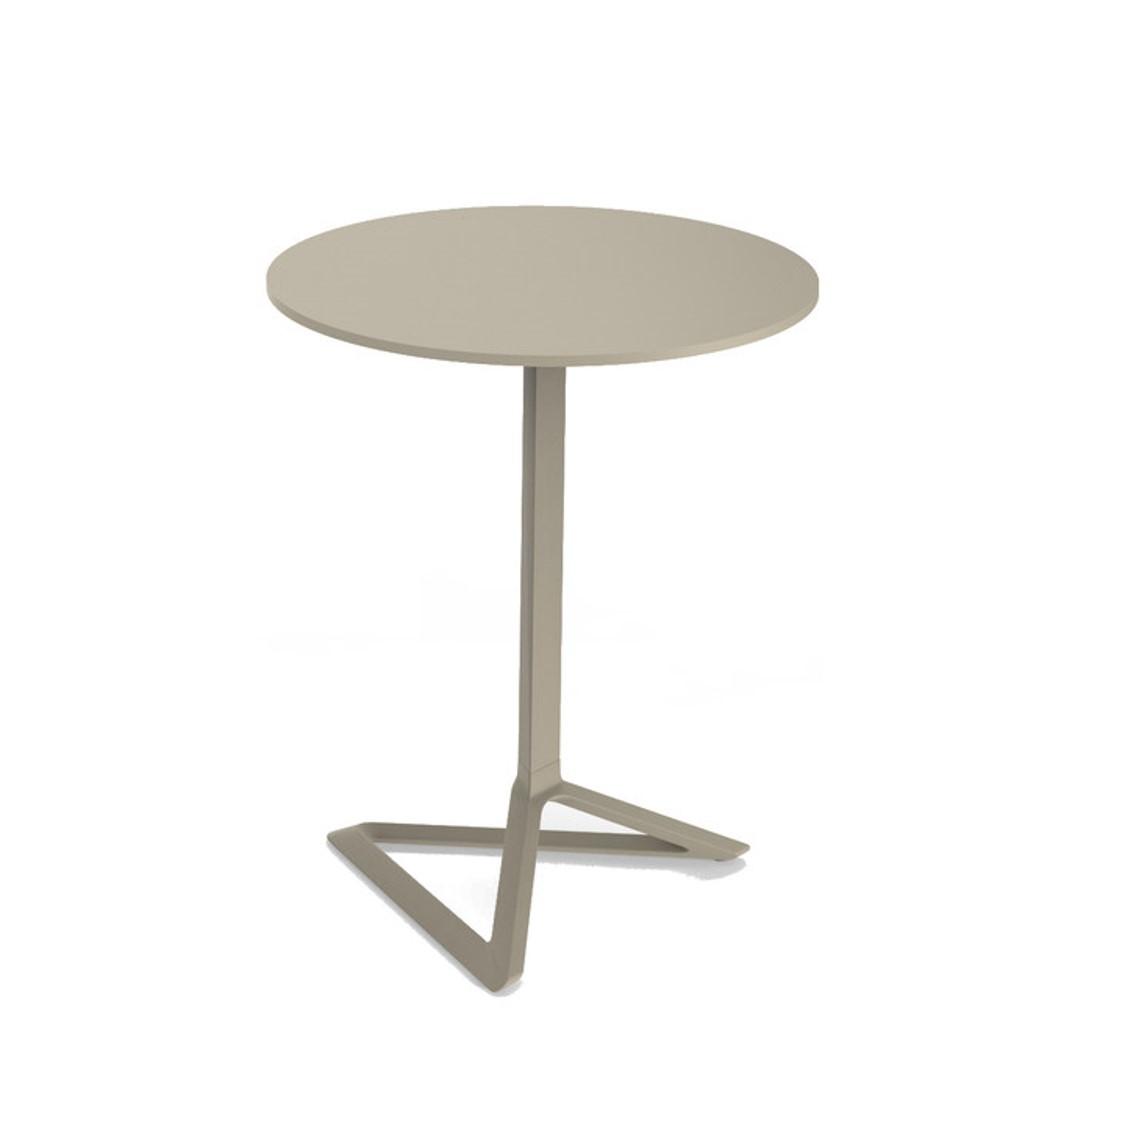 Delta Flip Top Table Vondom DeFrae Contract Furniture Taupe